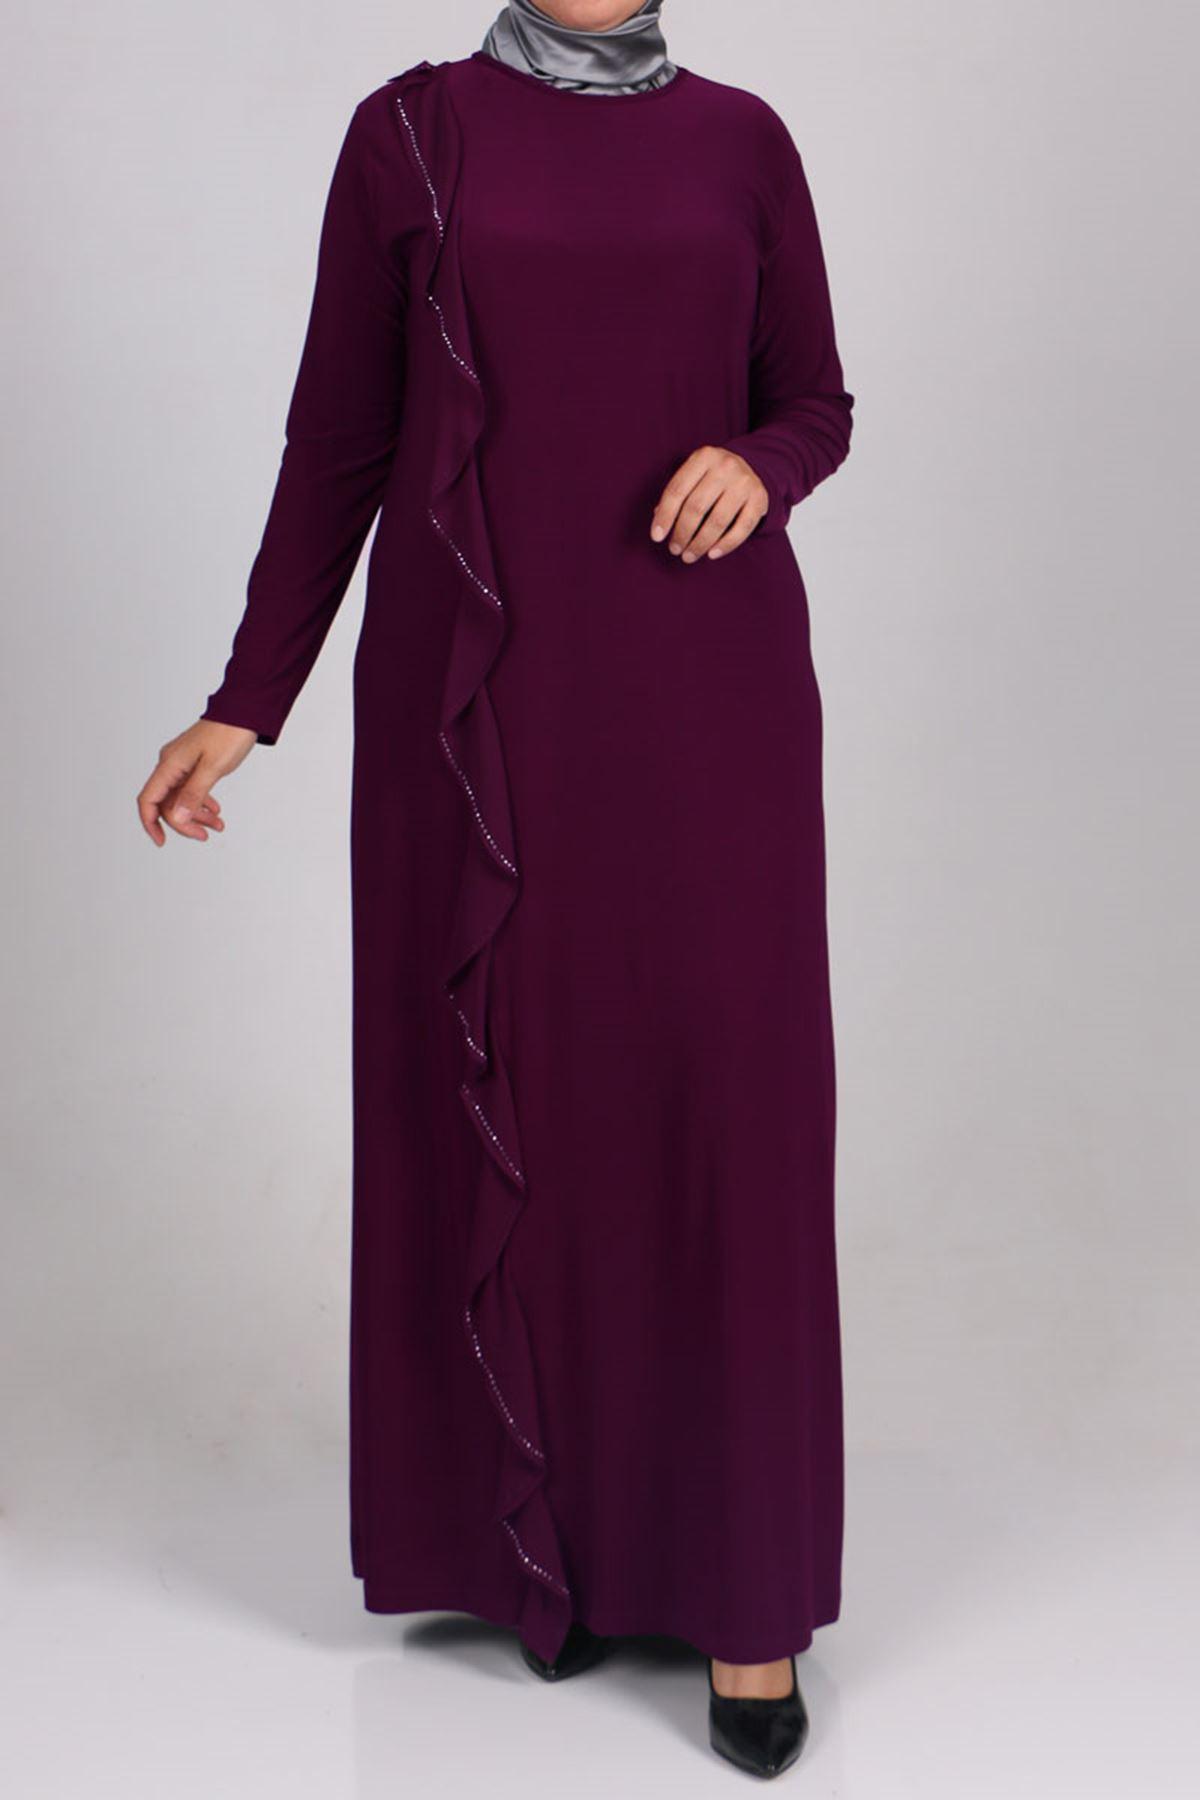 2087  فستان مُطبّع  بالحجر مقاس كبير -  ارجواني داكن